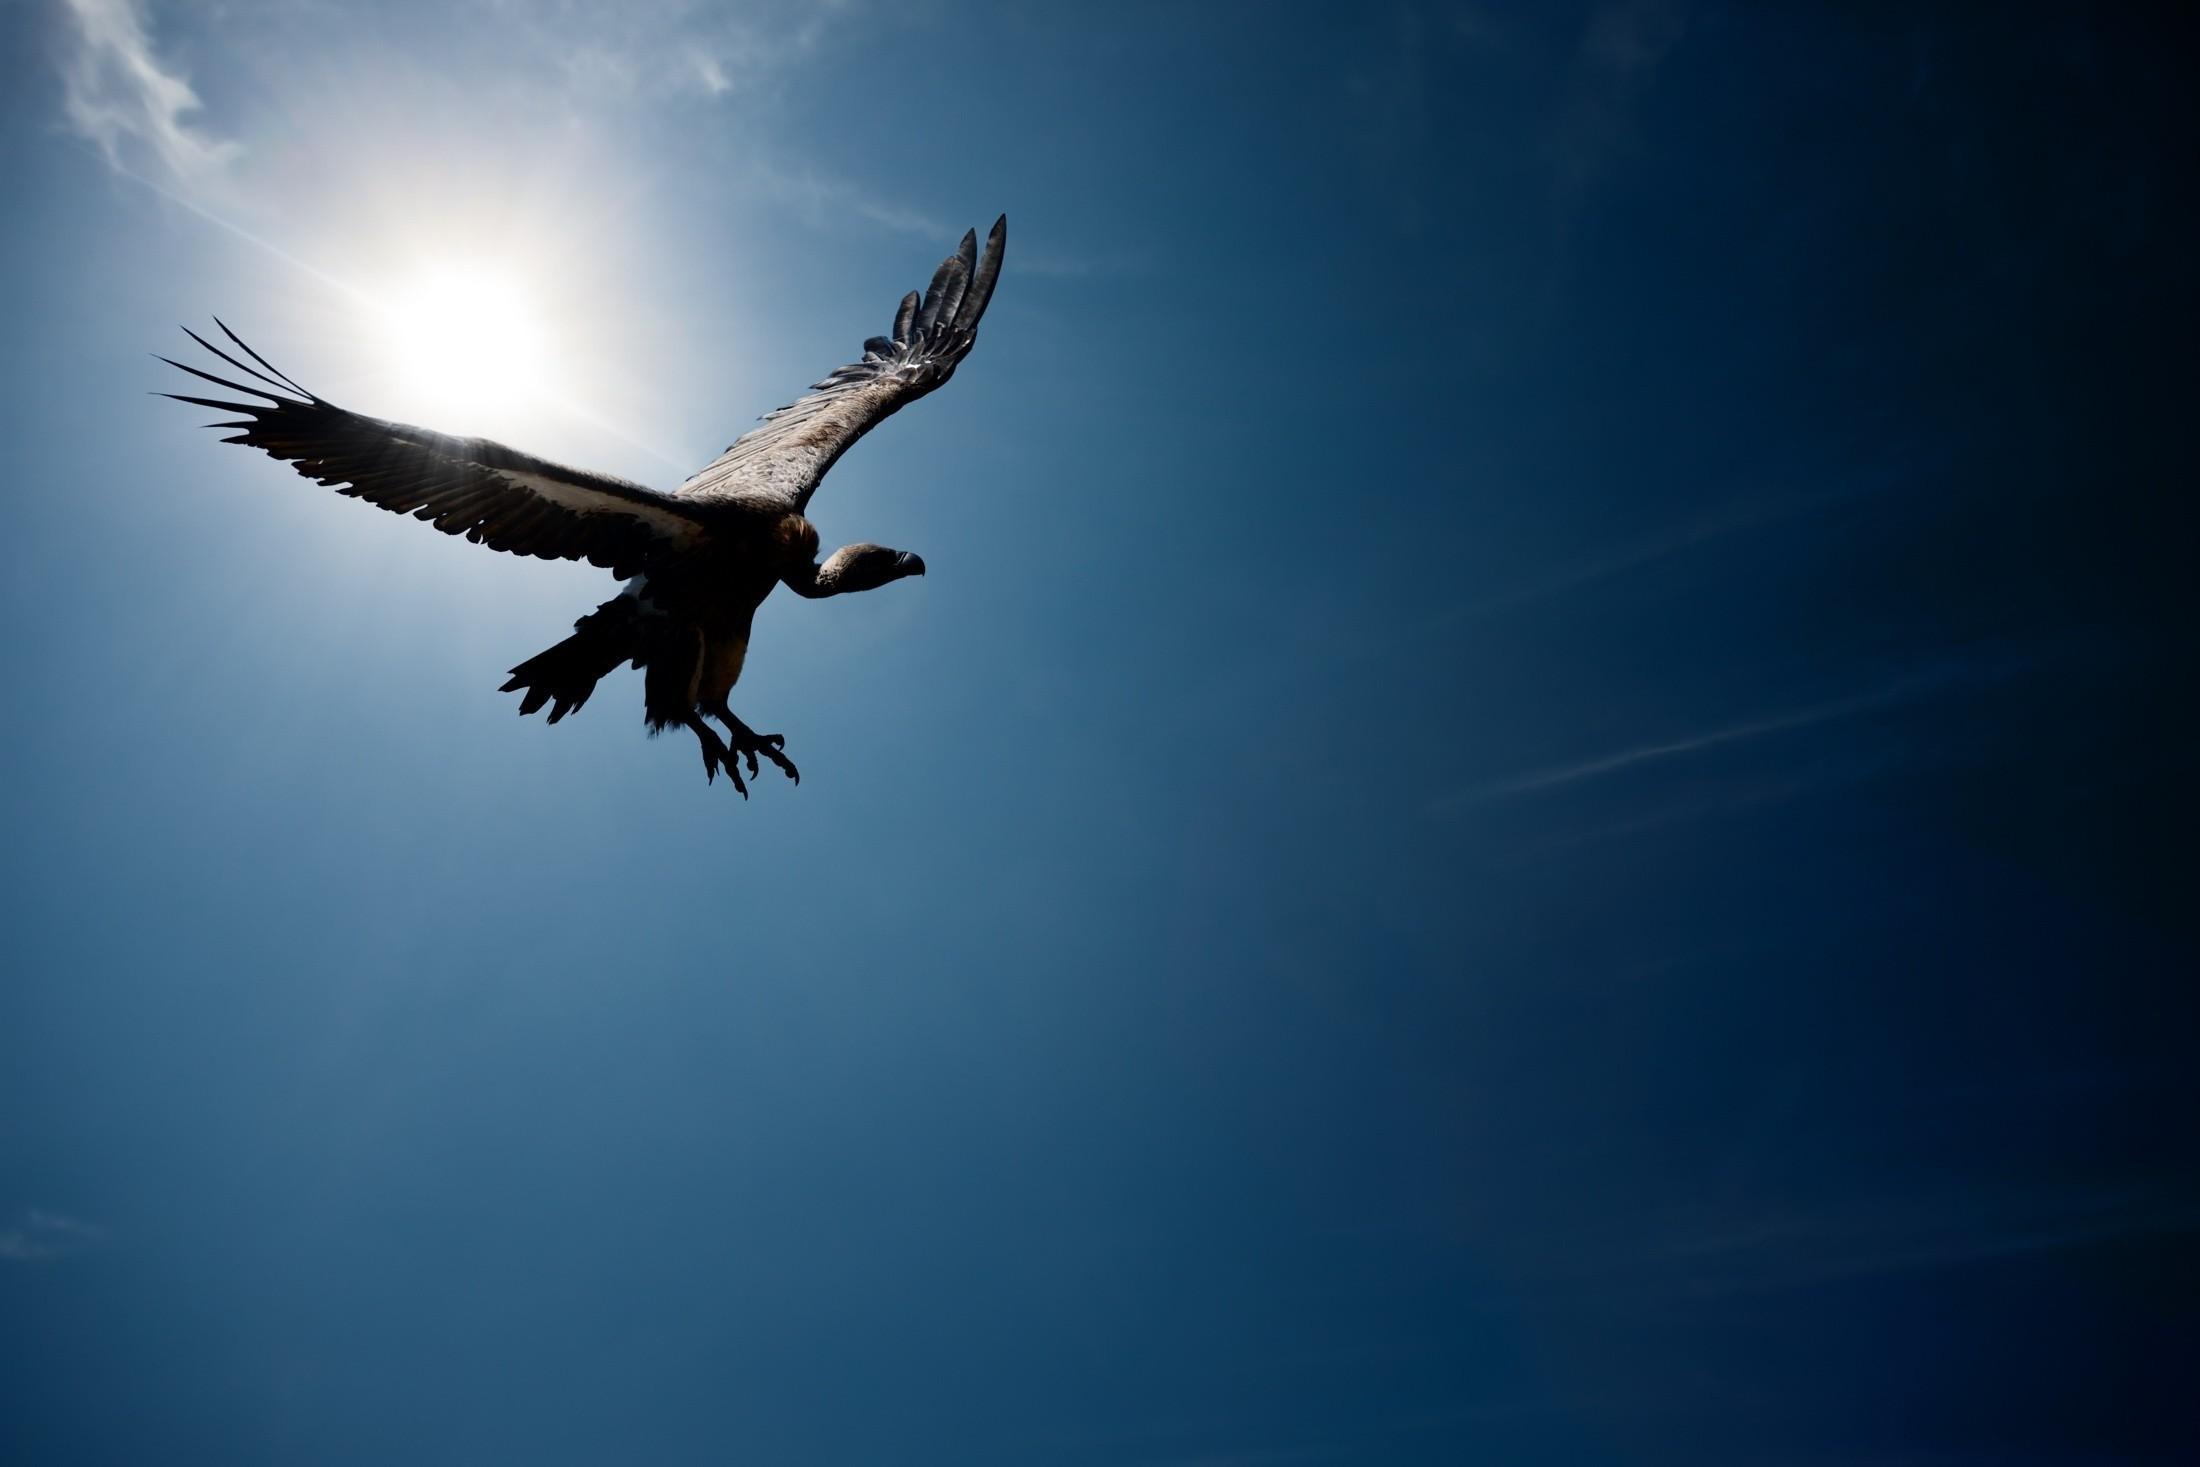 орел кружит картинки понедельник владивосток вновь